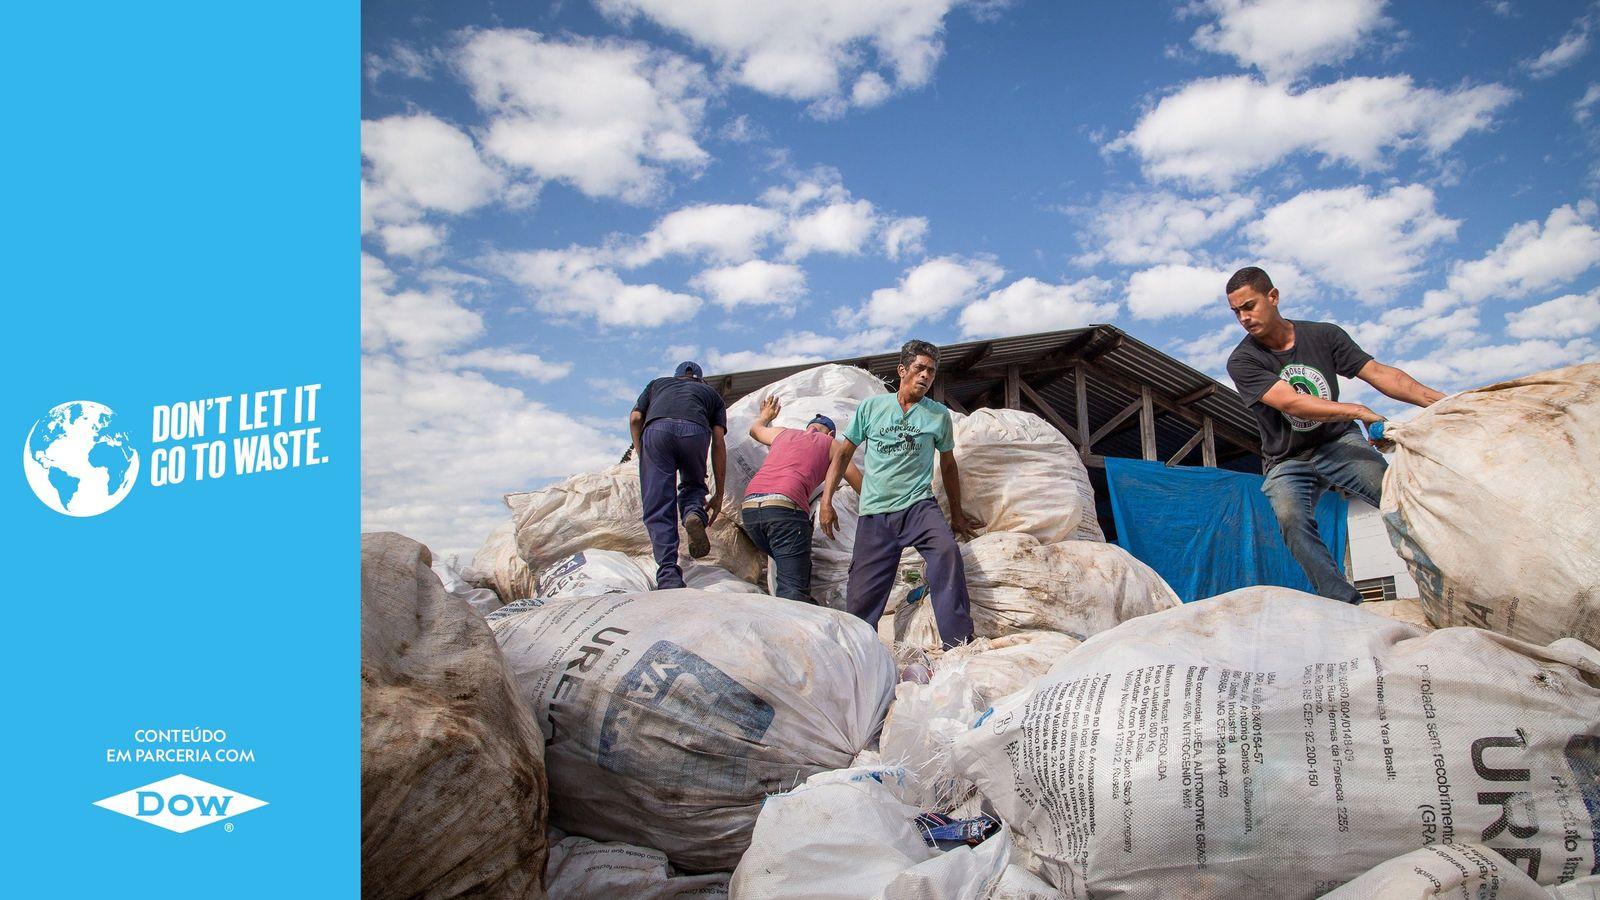 Cooperados organizam material da coleta seletiva na Coopersonhos, em Nova Odessa (SP).